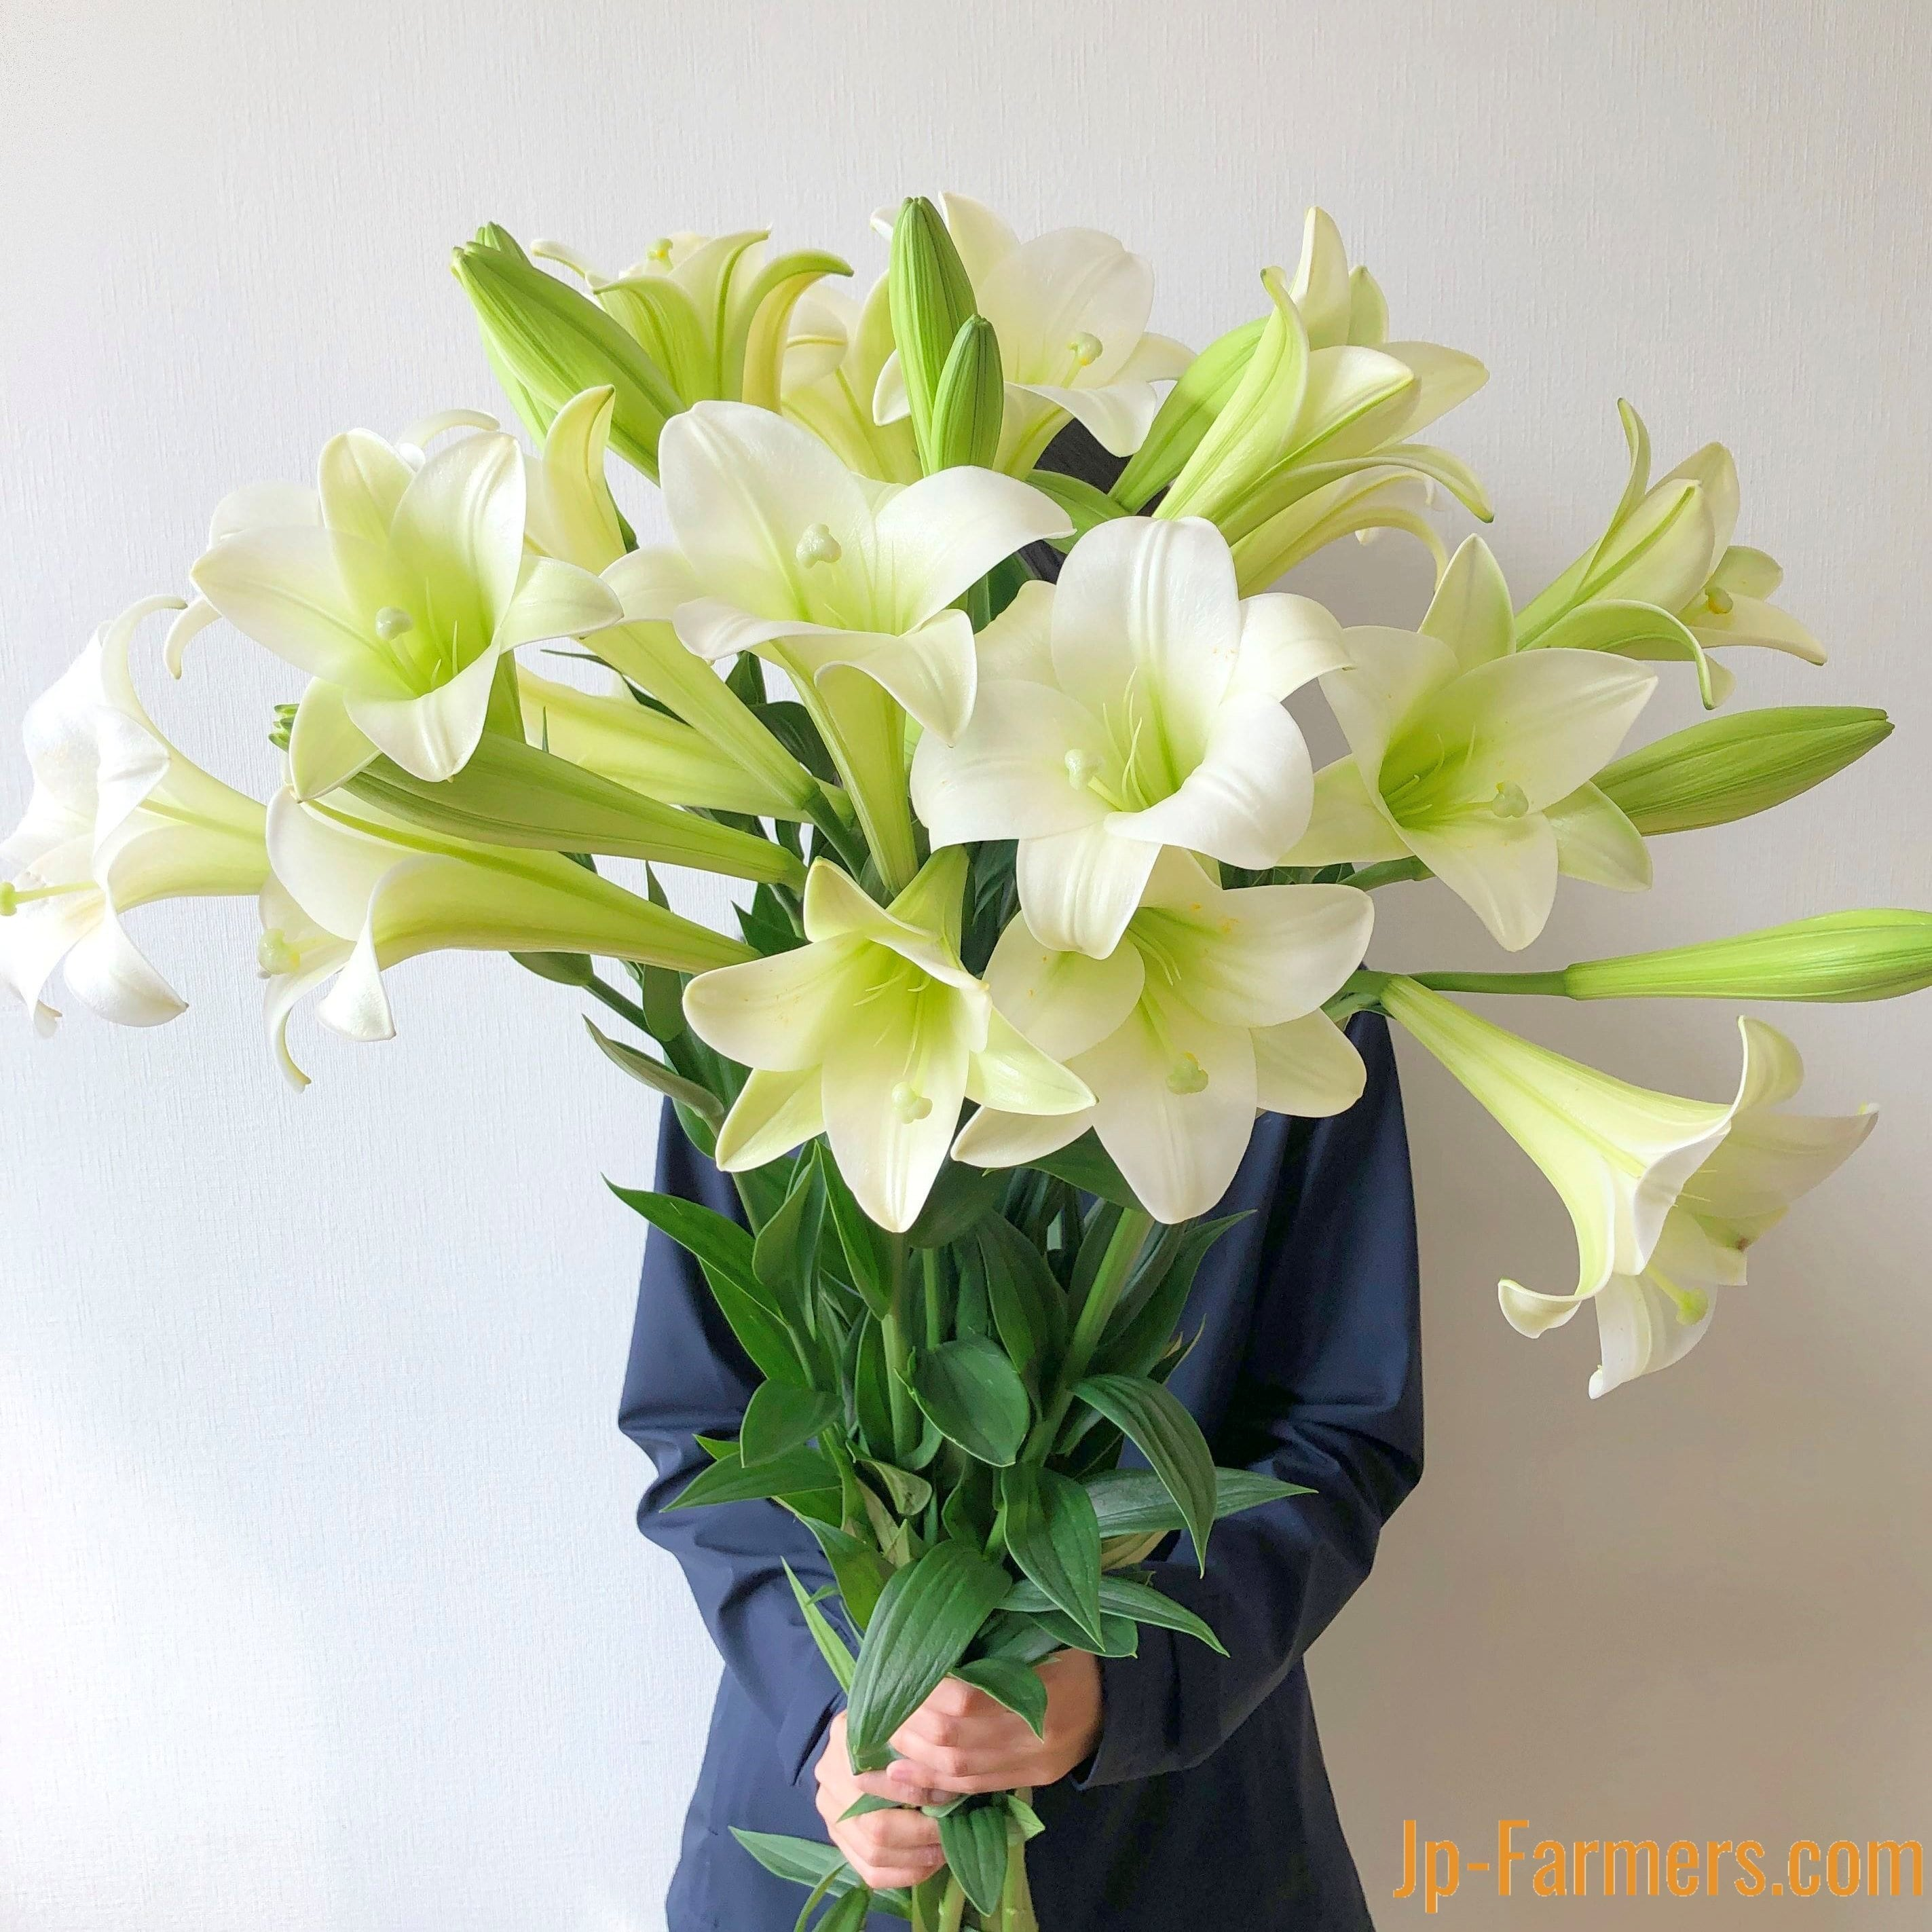 神戸育ちの優雅な白ユリ「神戸リリィ」 兵庫六甲農協の新鉄砲ユリ 10本